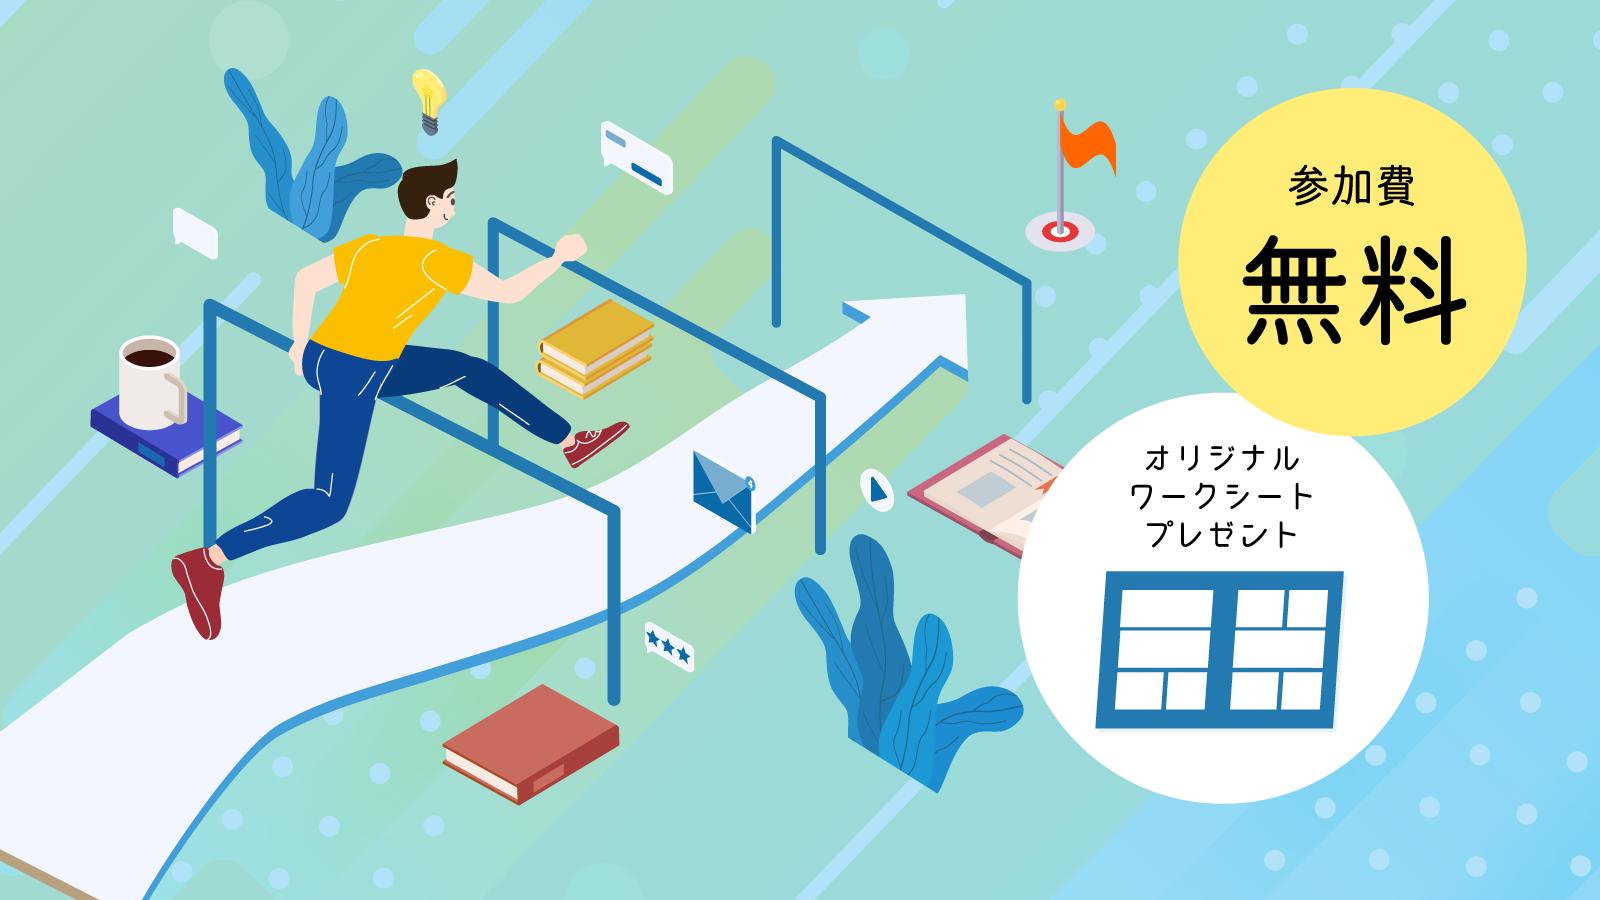 行動と成果に繋がる読書会 〜オリジナルワークシートプレゼント〜